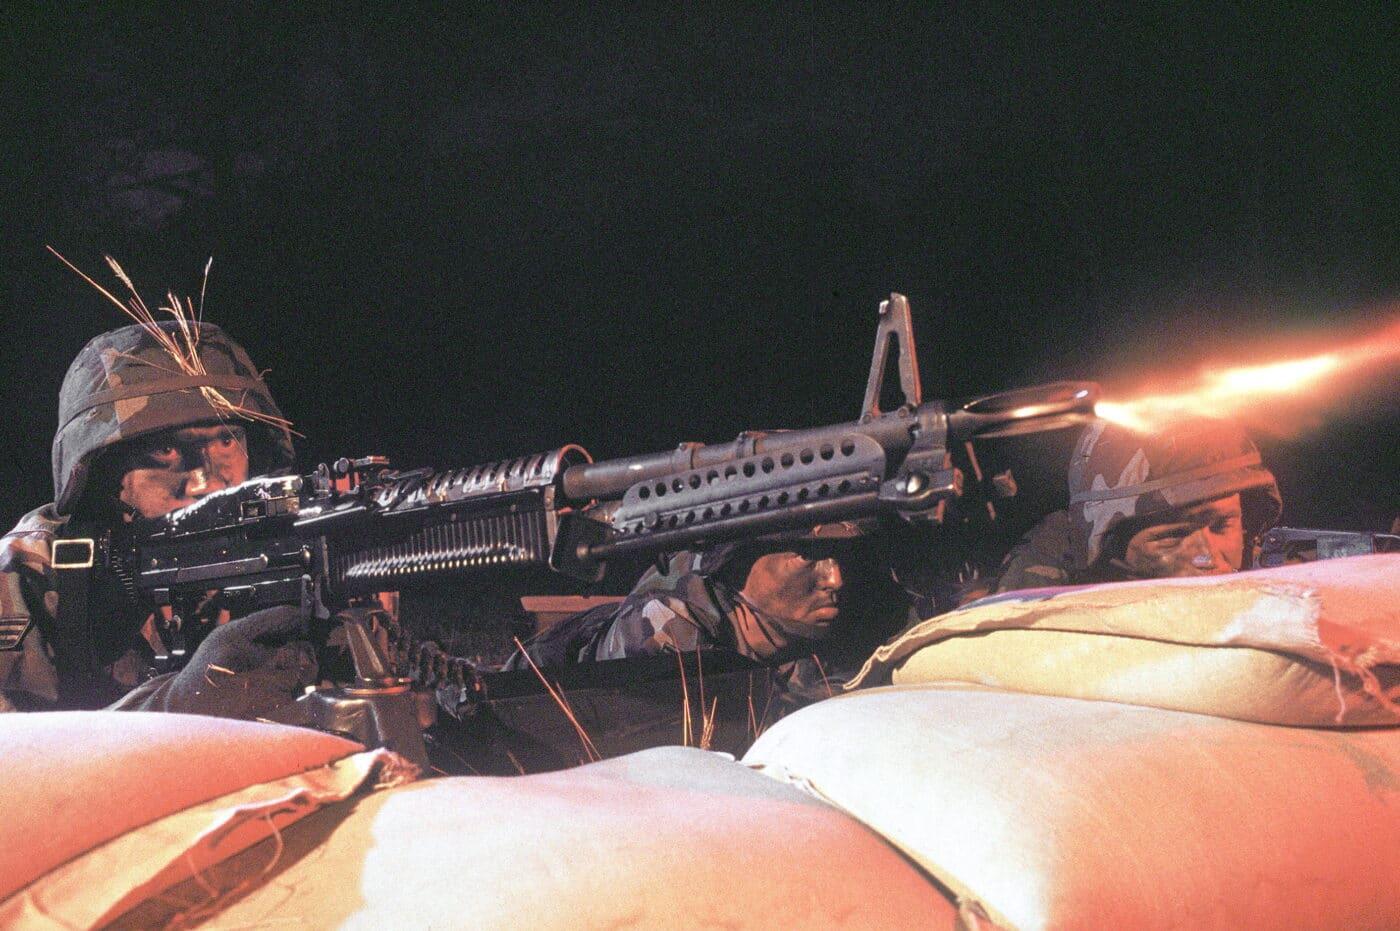 USAF airman firing M60